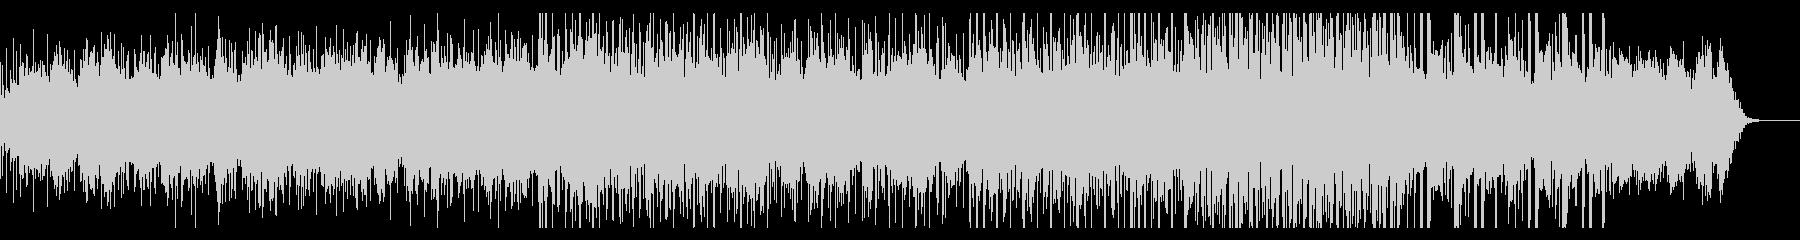 明るめのグリッジギターアンビエントの未再生の波形